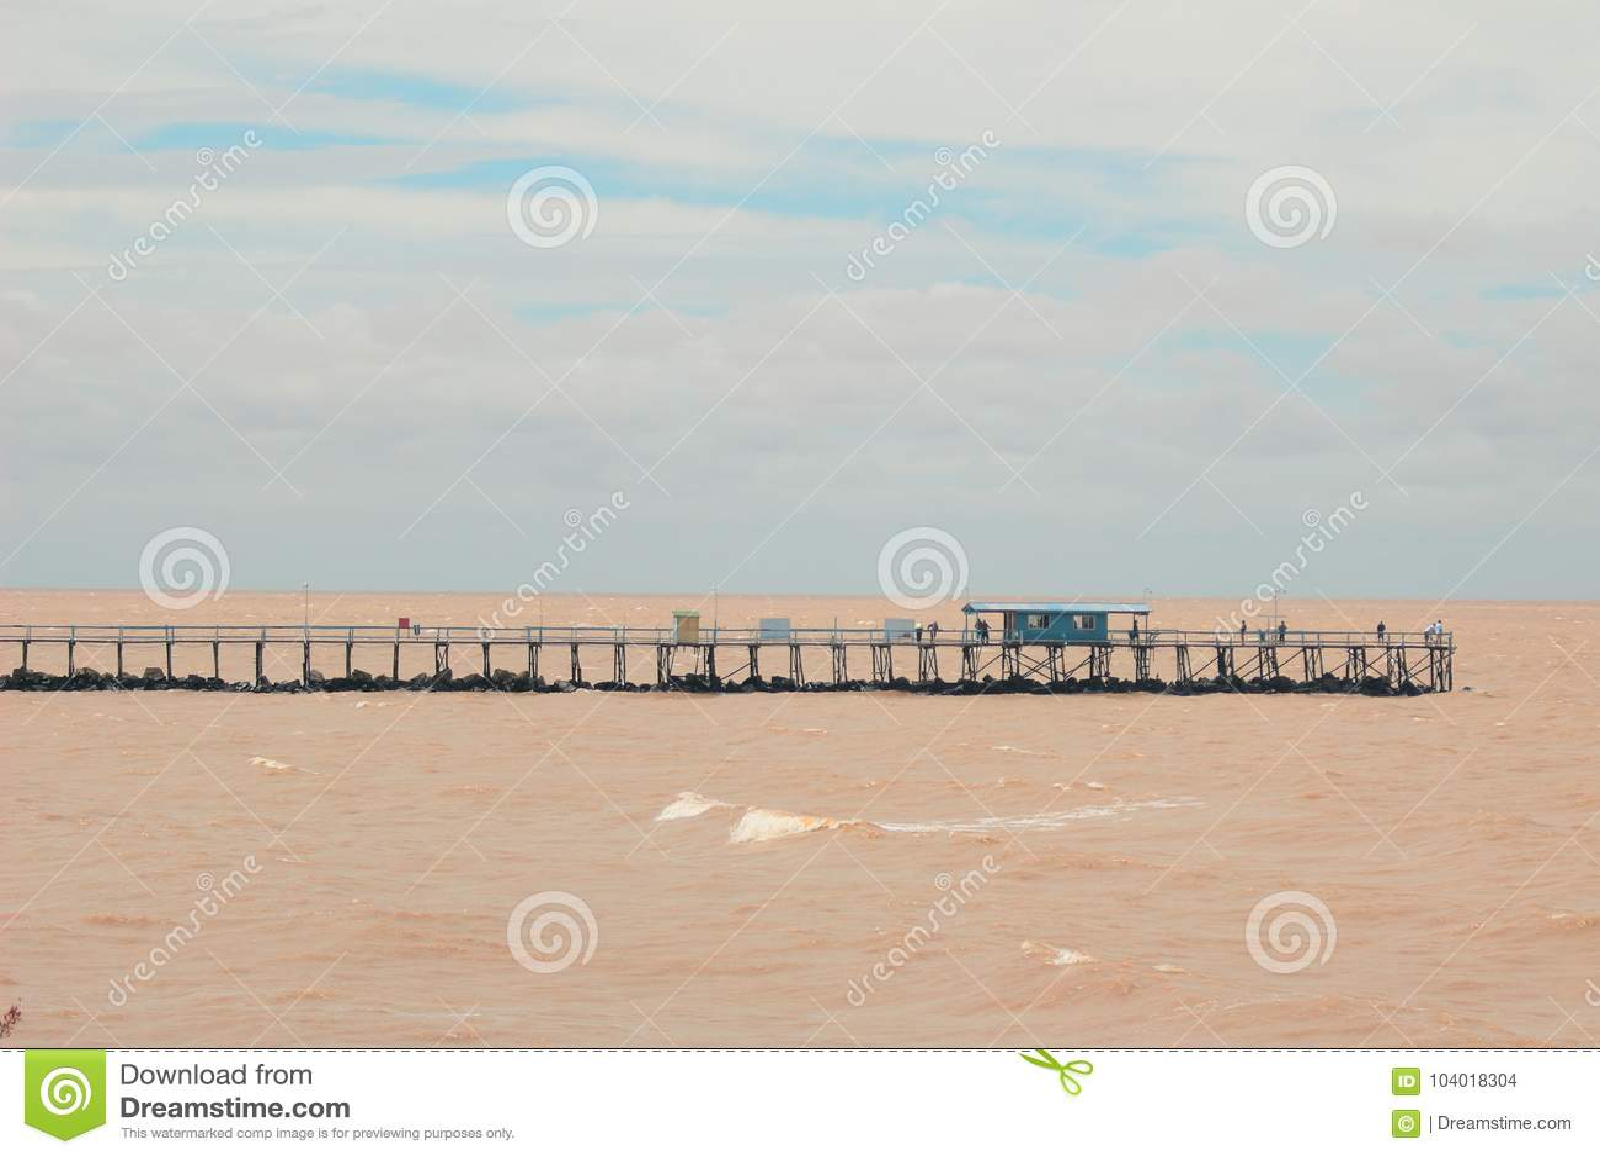 Puente sobre el Brown RÃo de La Plata en la Argentina, Buenos Aires con una pequeña casa azul y un cielo azul